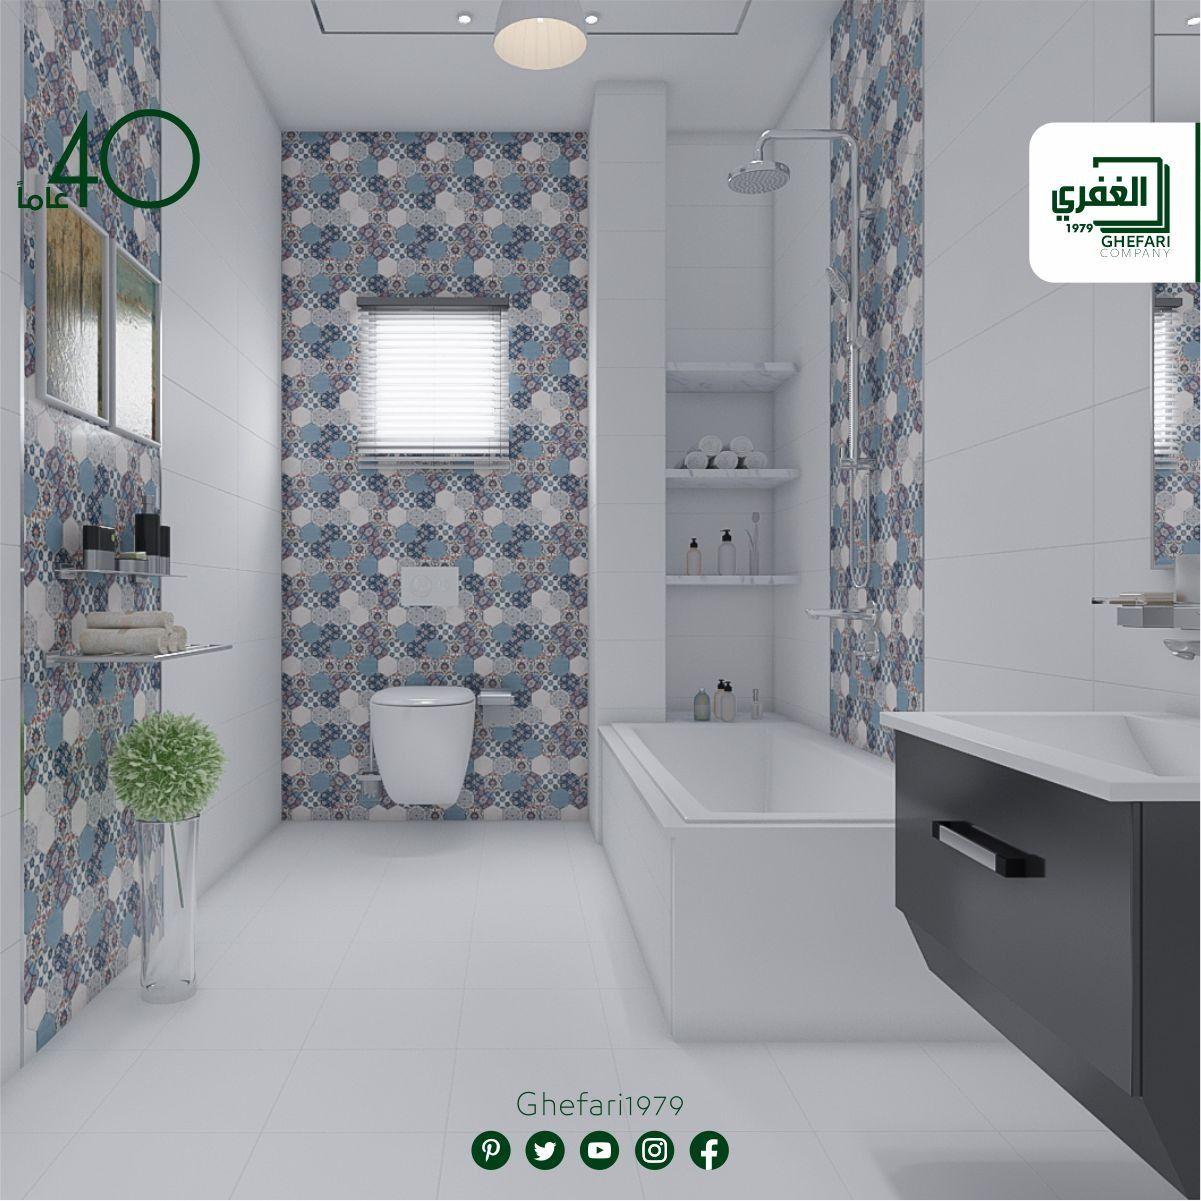 بورسلان حوائط حمامات مطبخ اسباني الصنع ديكور 21 8x22 8 للمزيد زورونا على موقع الشركة Https Www Ghefari Com Ar Joker Hall Decor Bathtub Alcove Bathtub